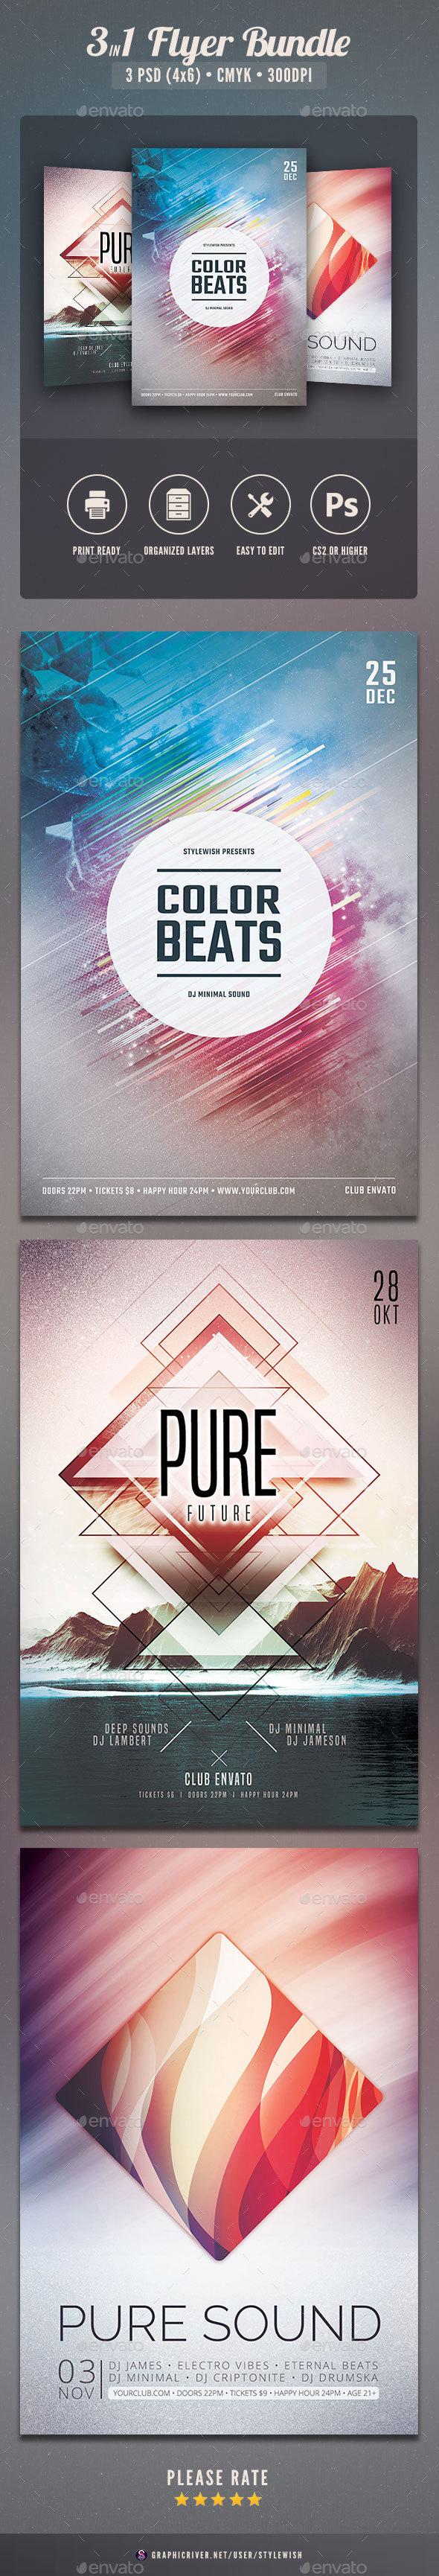 Party Flyer Bundle Vol.32 - Clubs & Parties Events